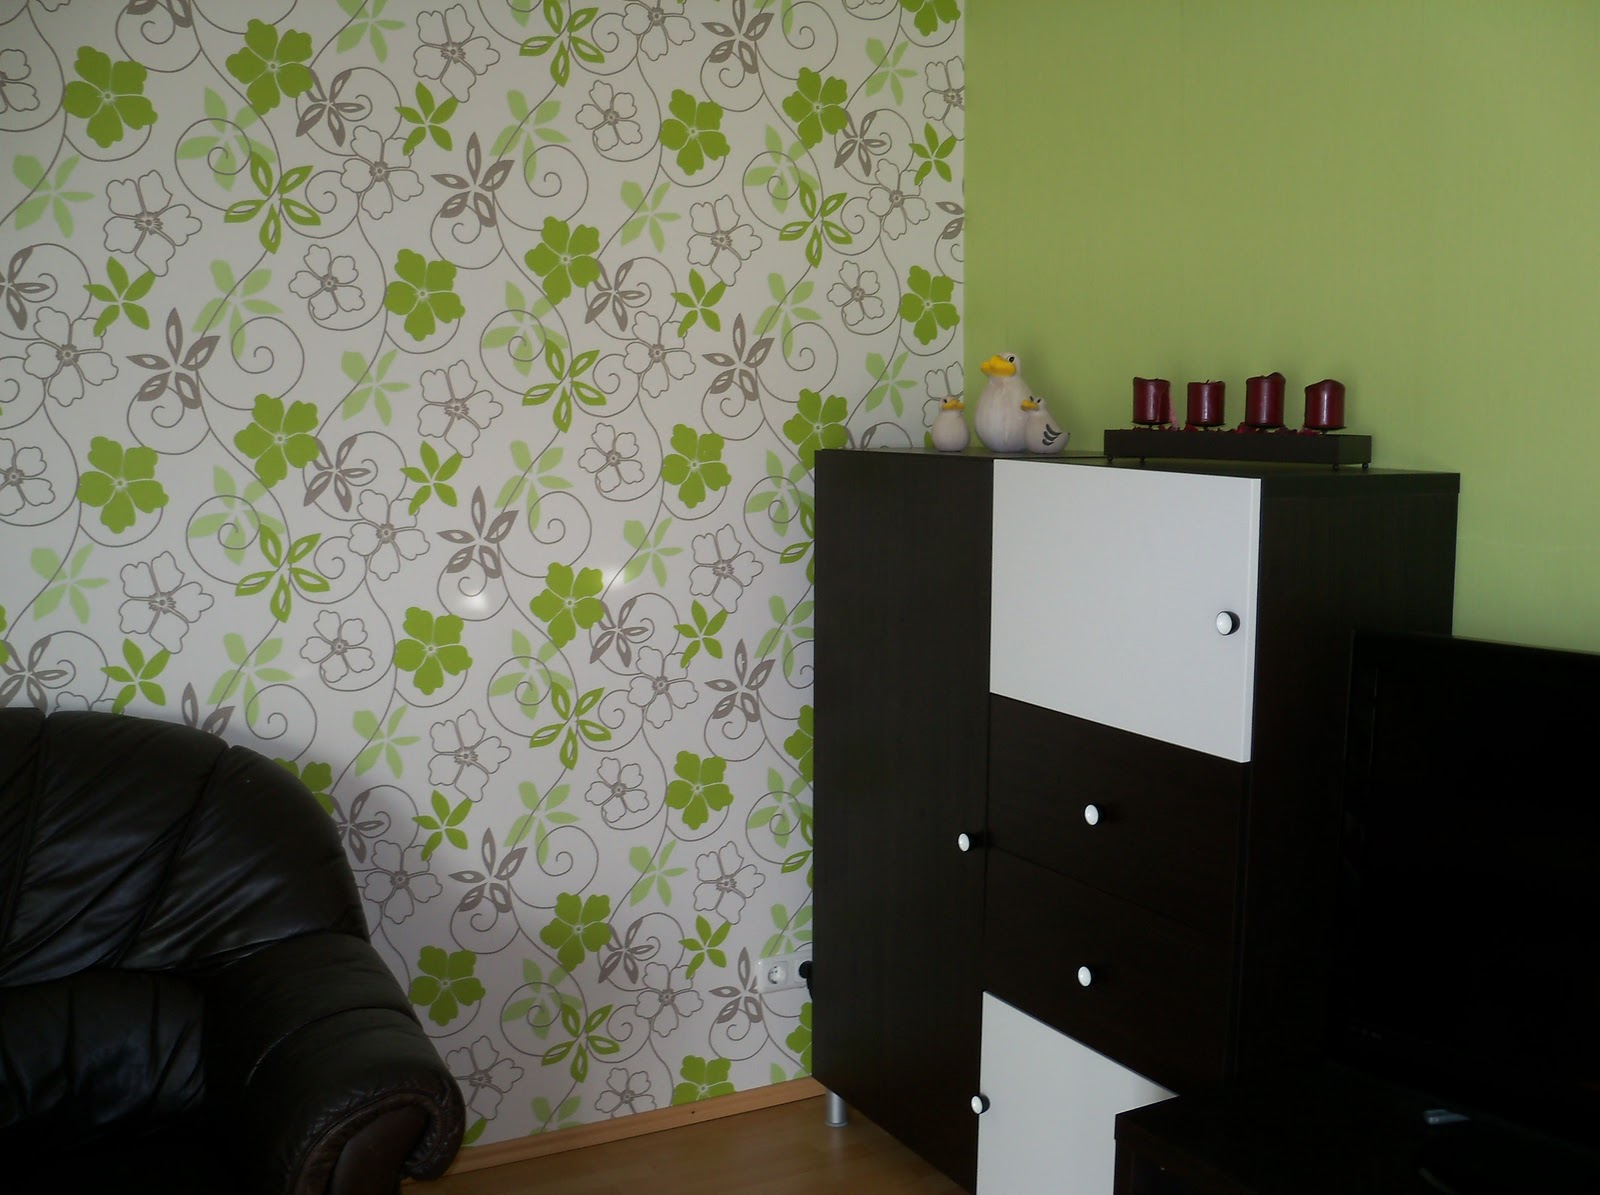 willkommen in meinem bunten leben mein neues wohnzimmer. Black Bedroom Furniture Sets. Home Design Ideas